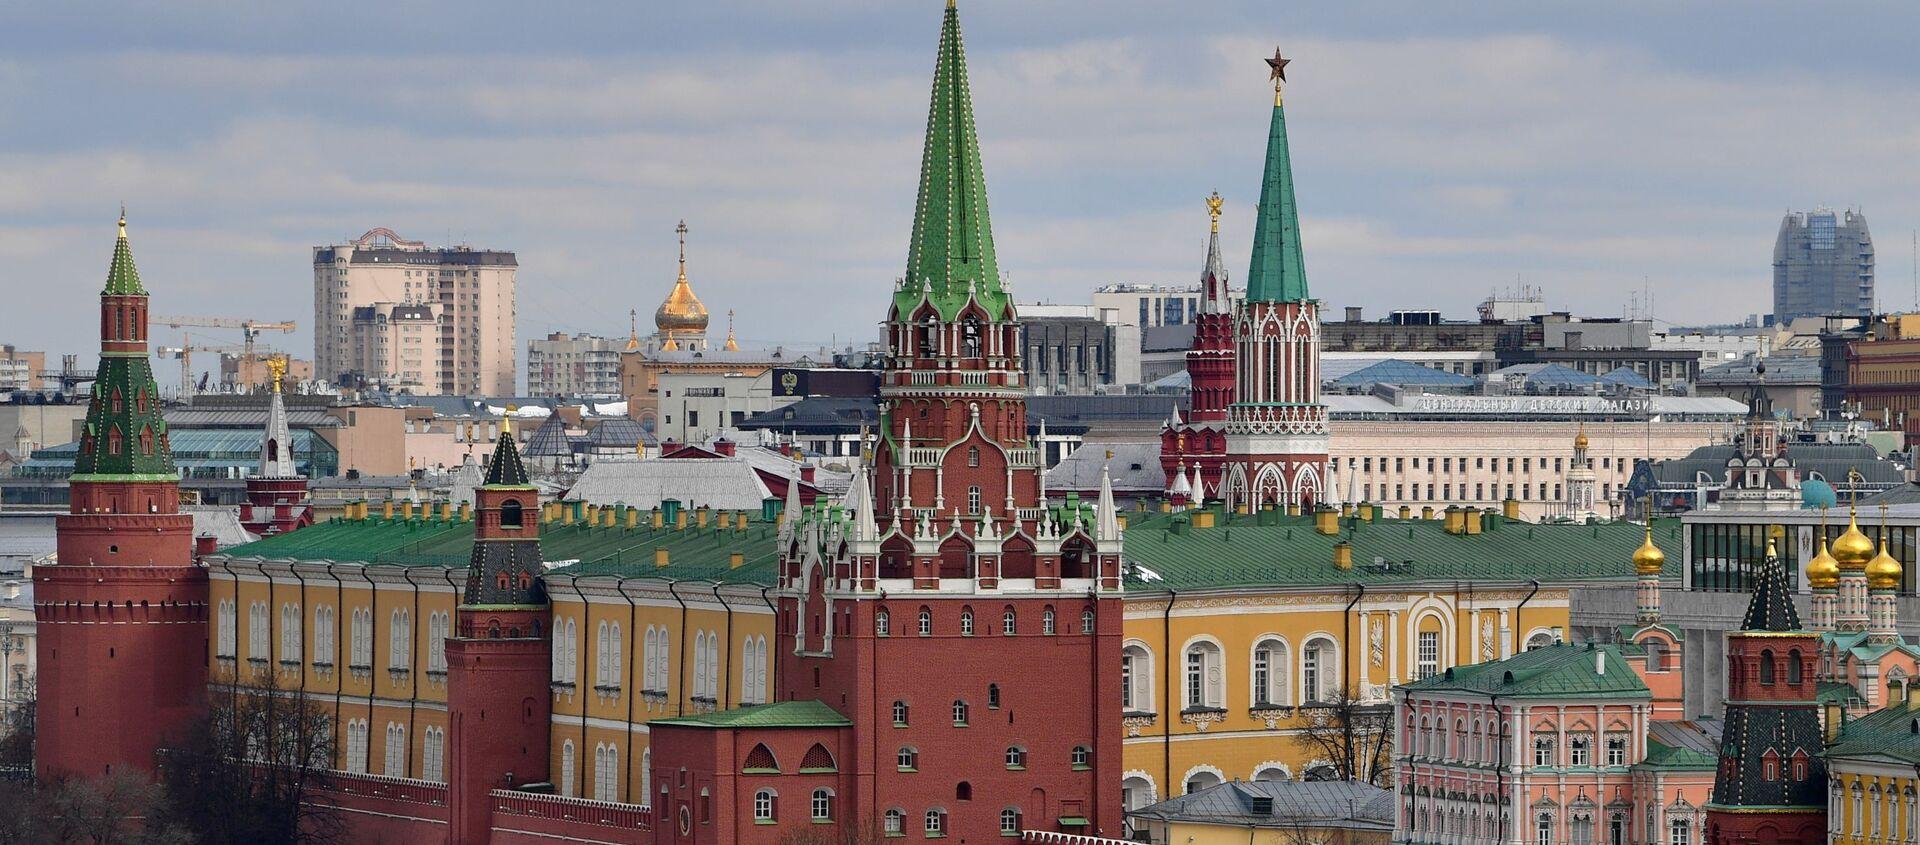 Quang cảnh các tòa tháp của Điện Kremlin ở Matxcơva. - Sputnik Việt Nam, 1920, 09.07.2021